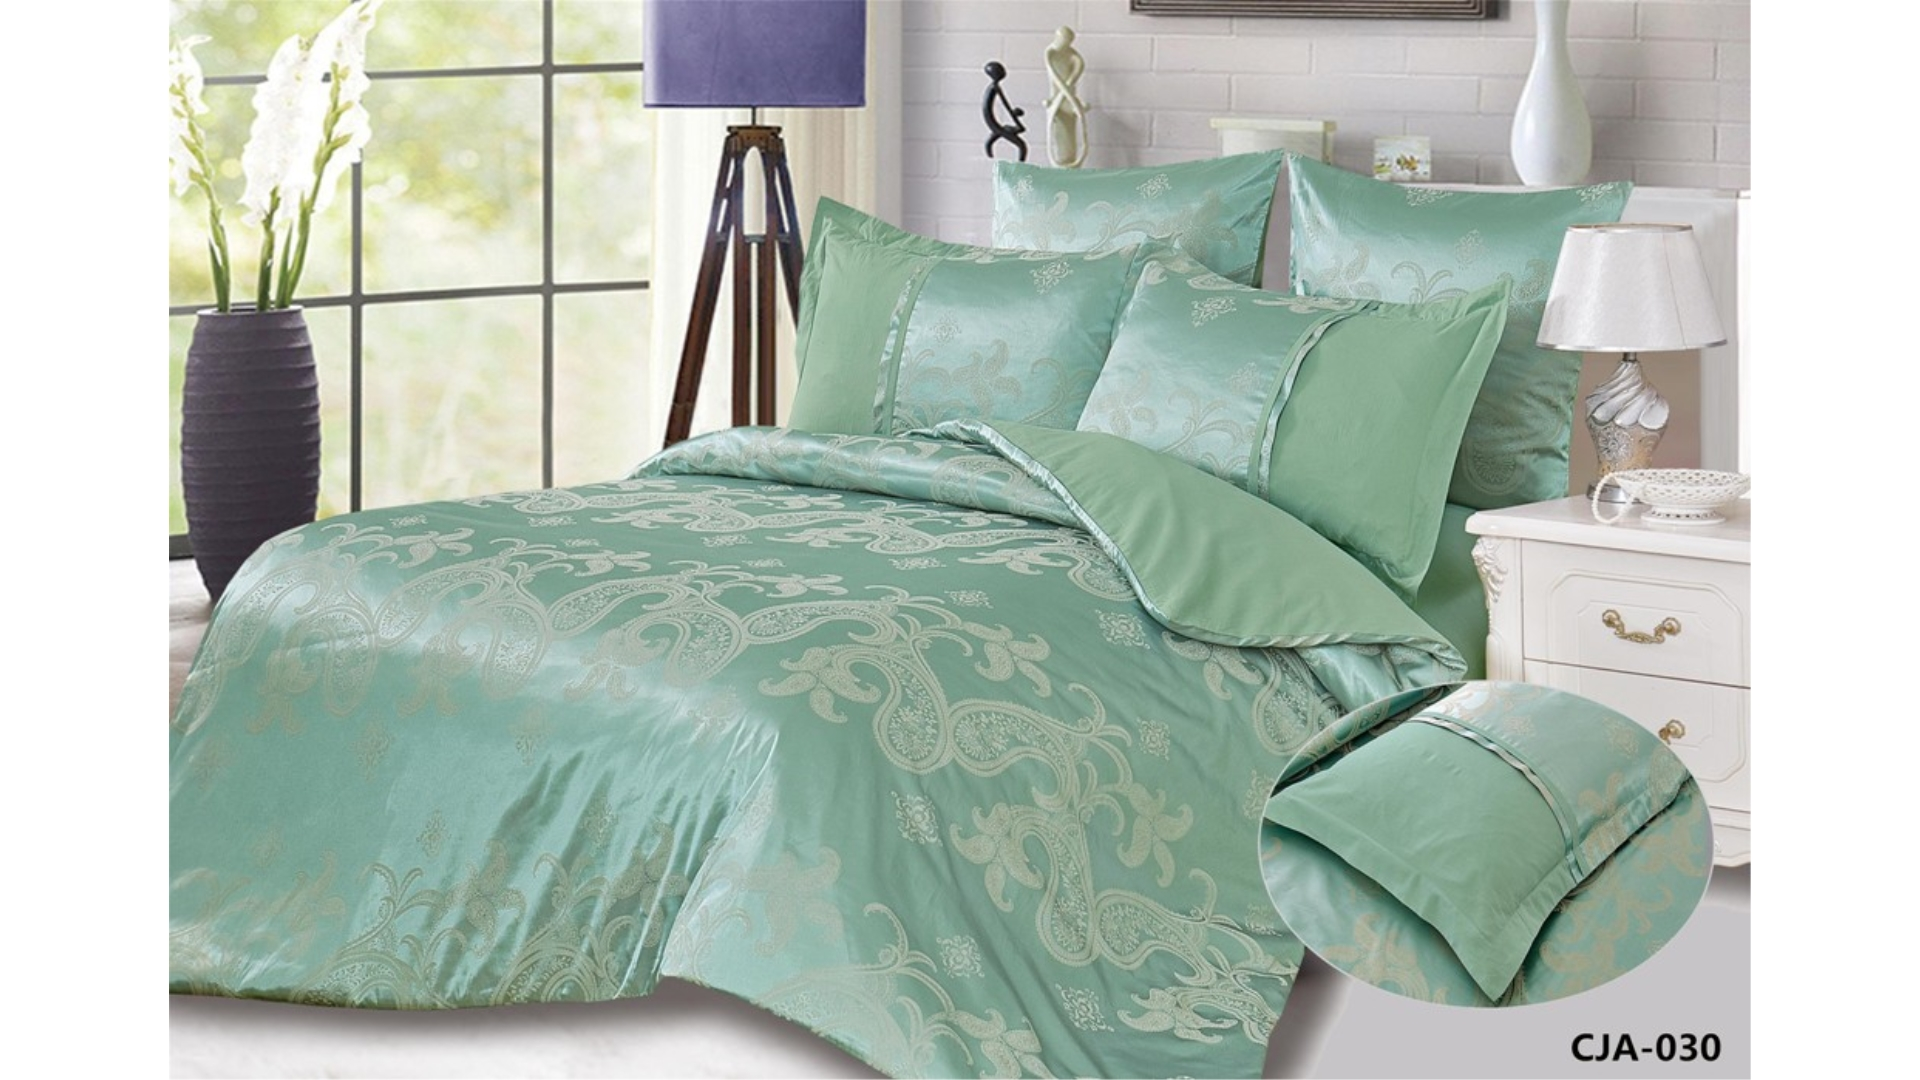 Комплект постельного белья AlViTek (CJA-030) фото FullHD (0)